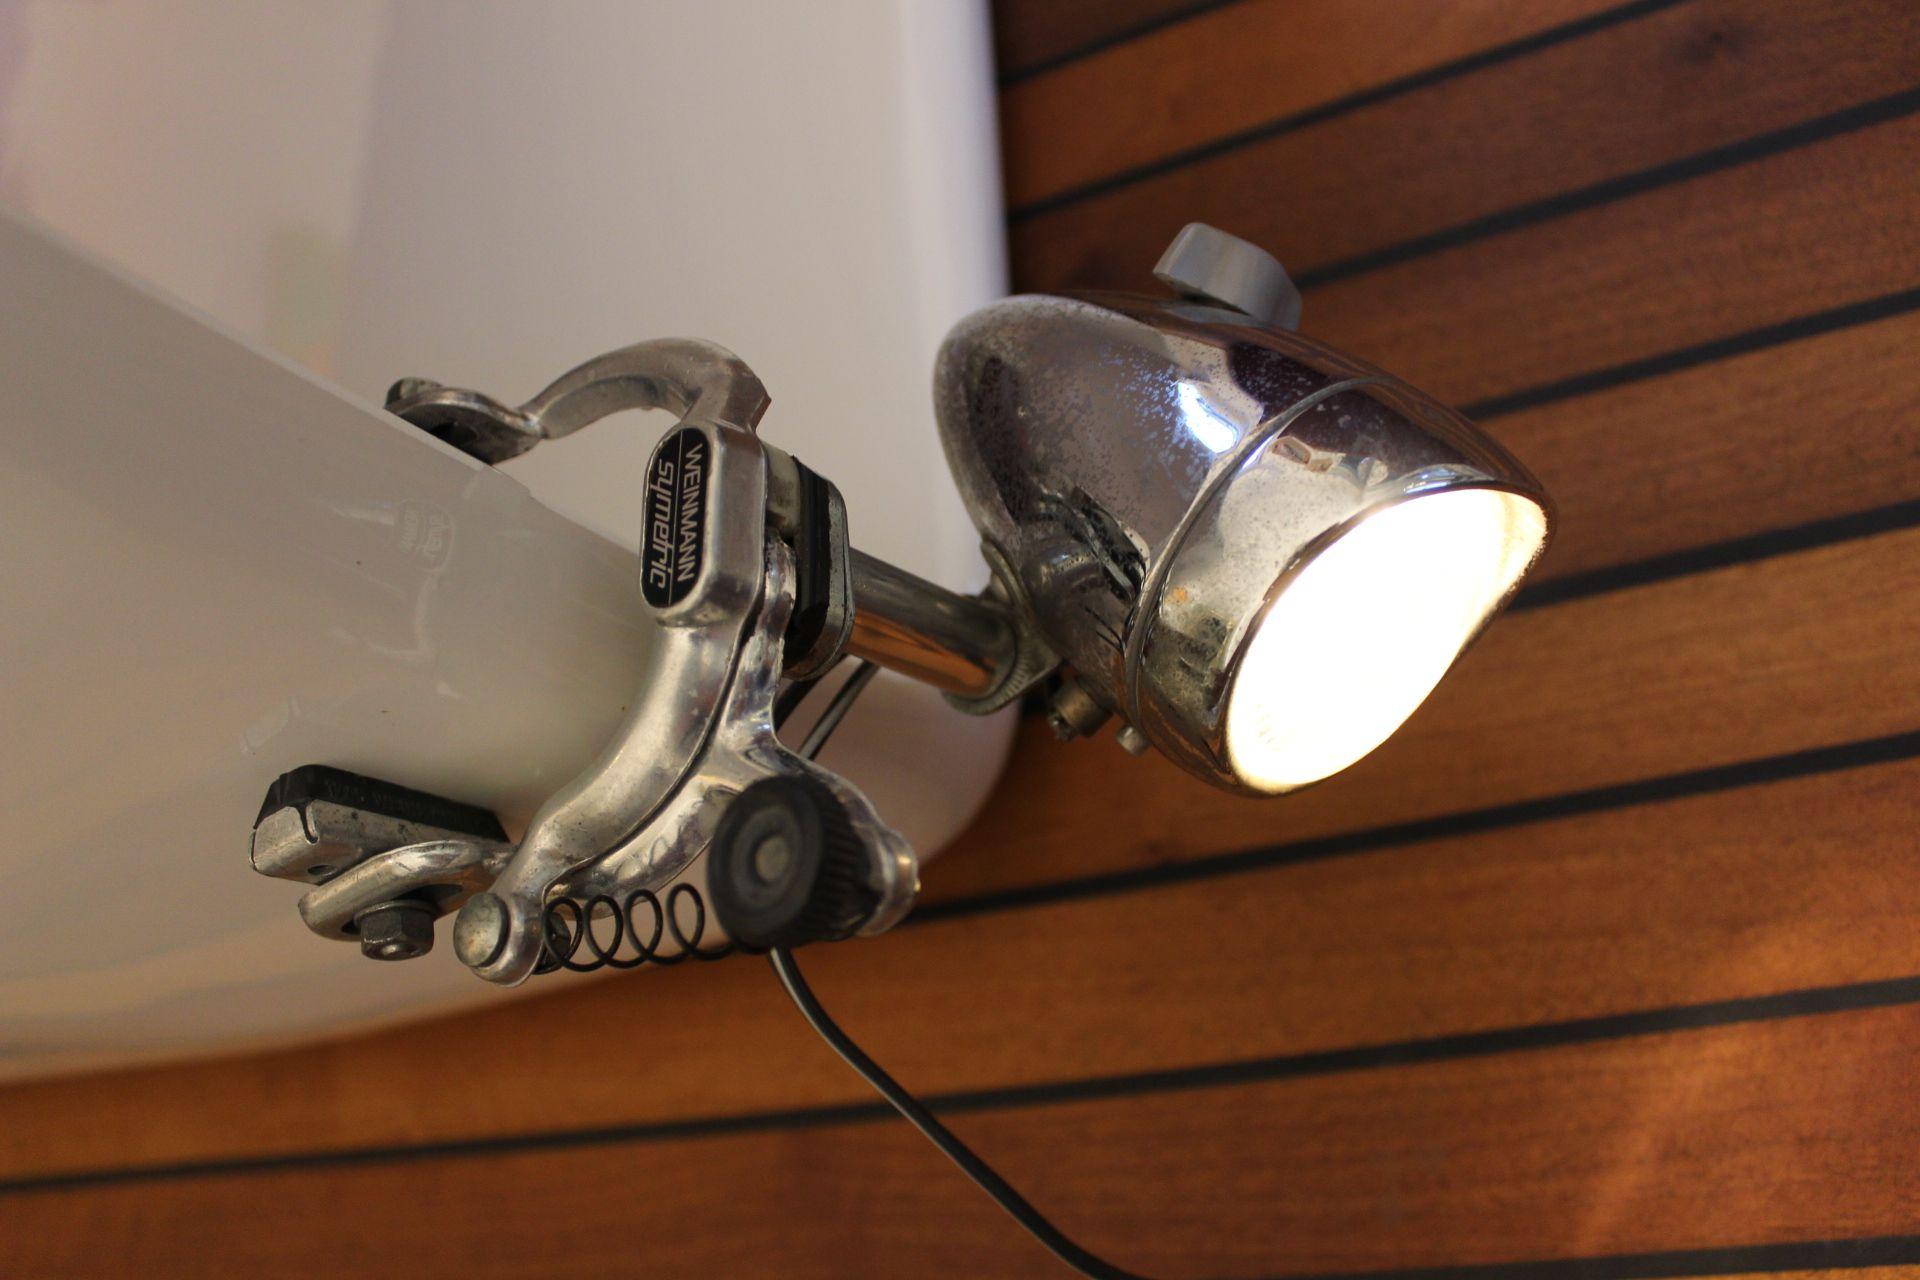 Eigenbau Lampe Zum Anklemmen Aus Veloteilen Diy Lamp Upcycled Bike